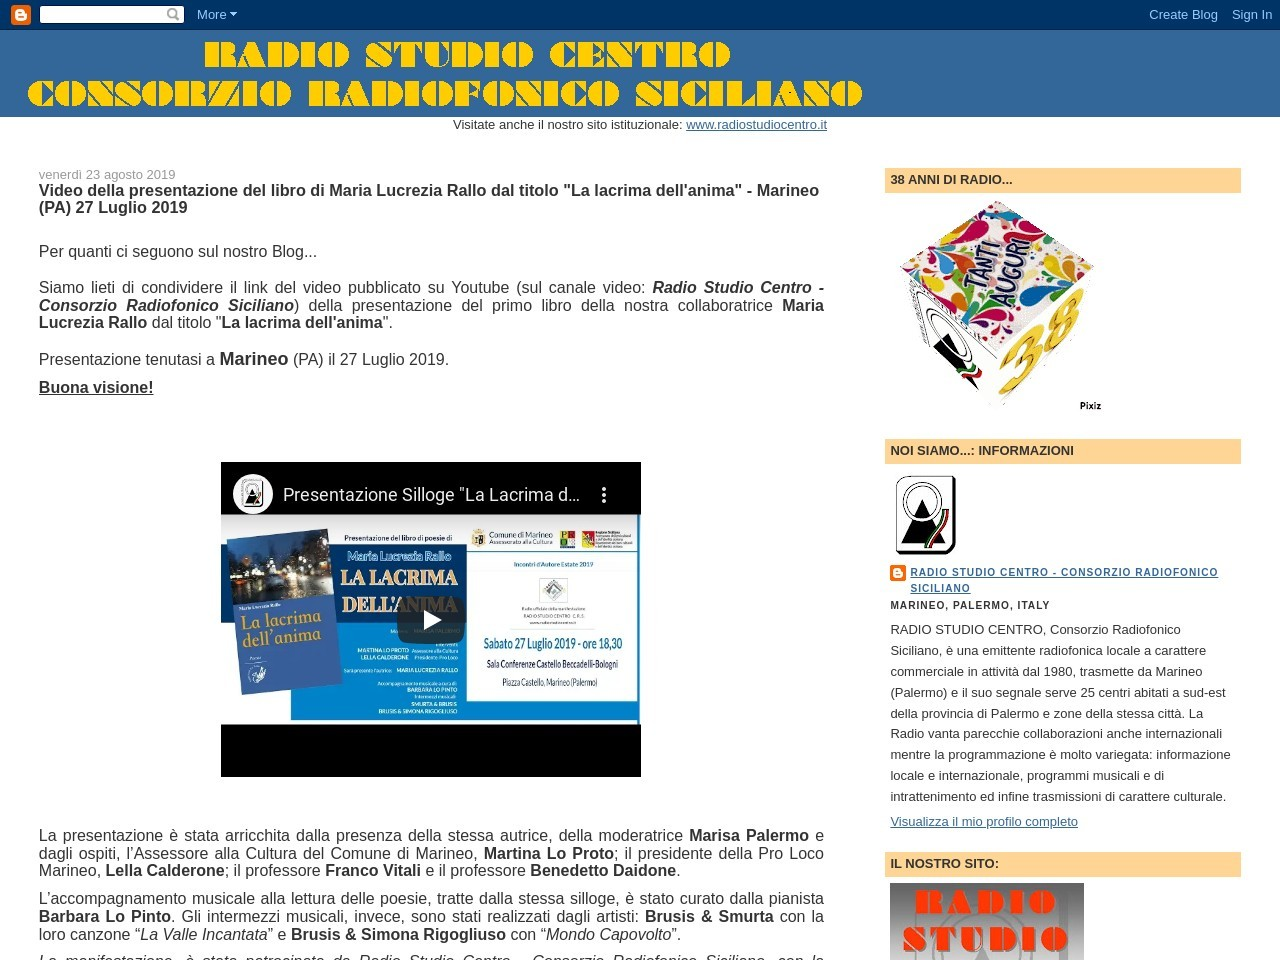 radio-studio-centro-contatto-marineo